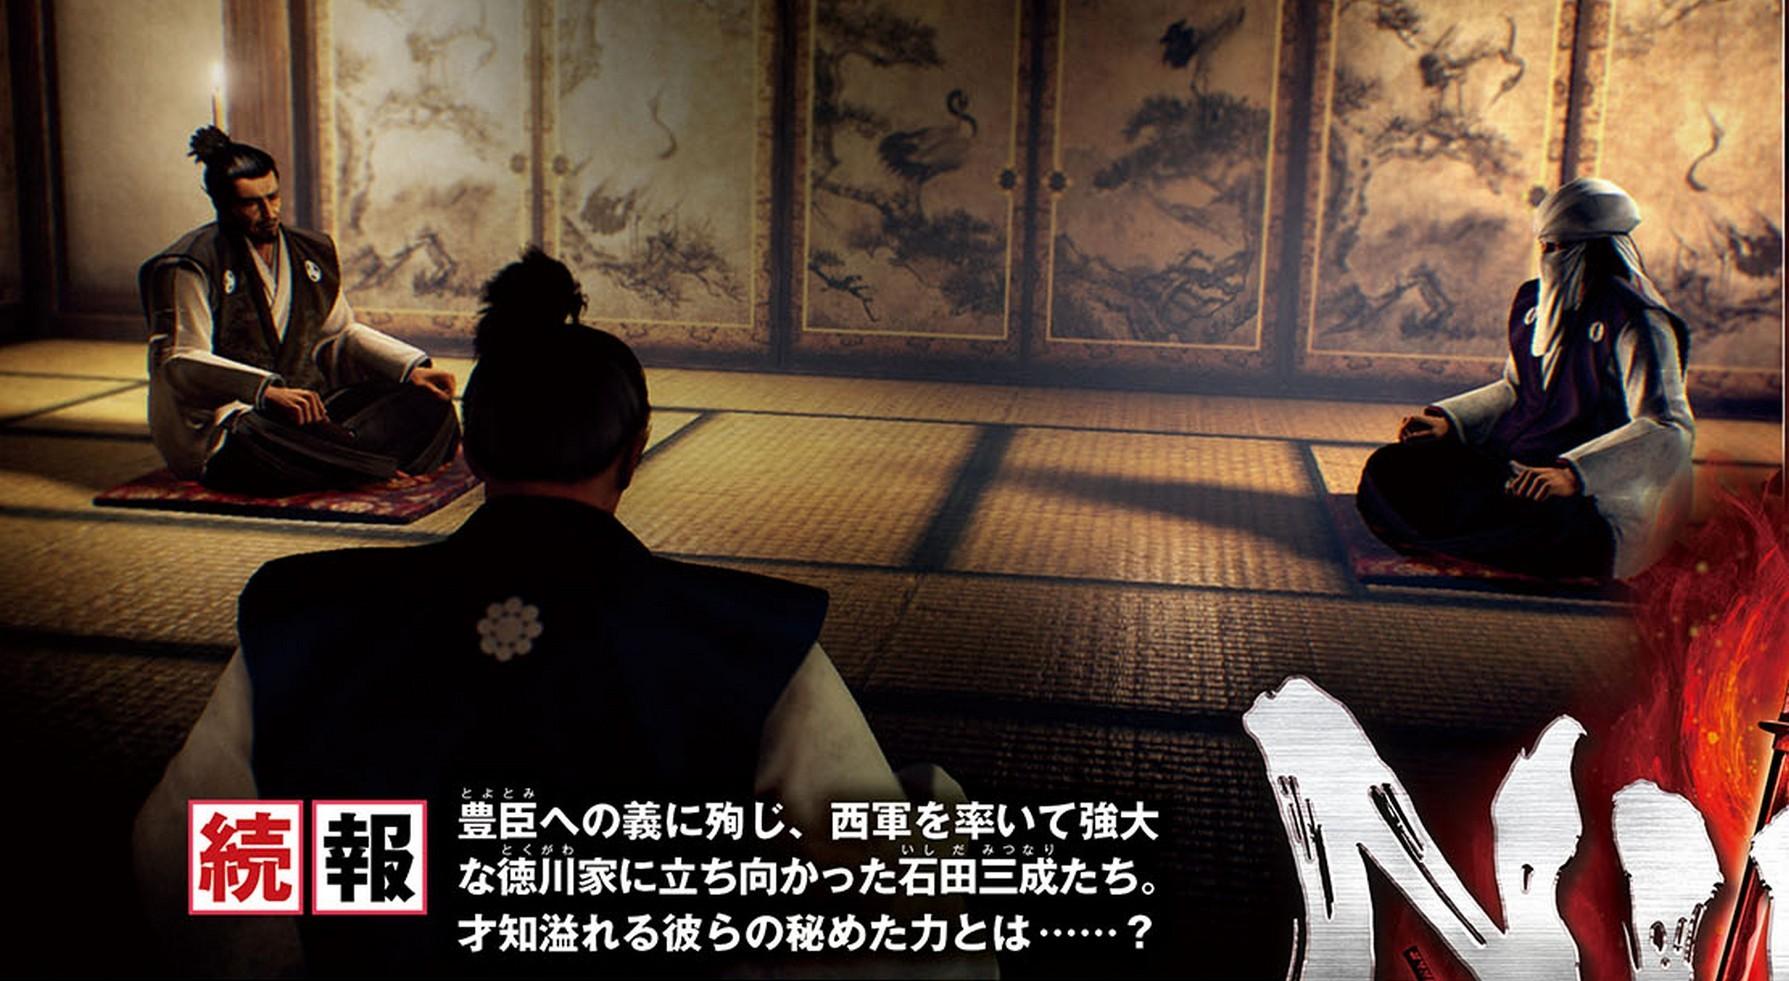 日本战国武士石田三成岛左近即将登陆《仁王》